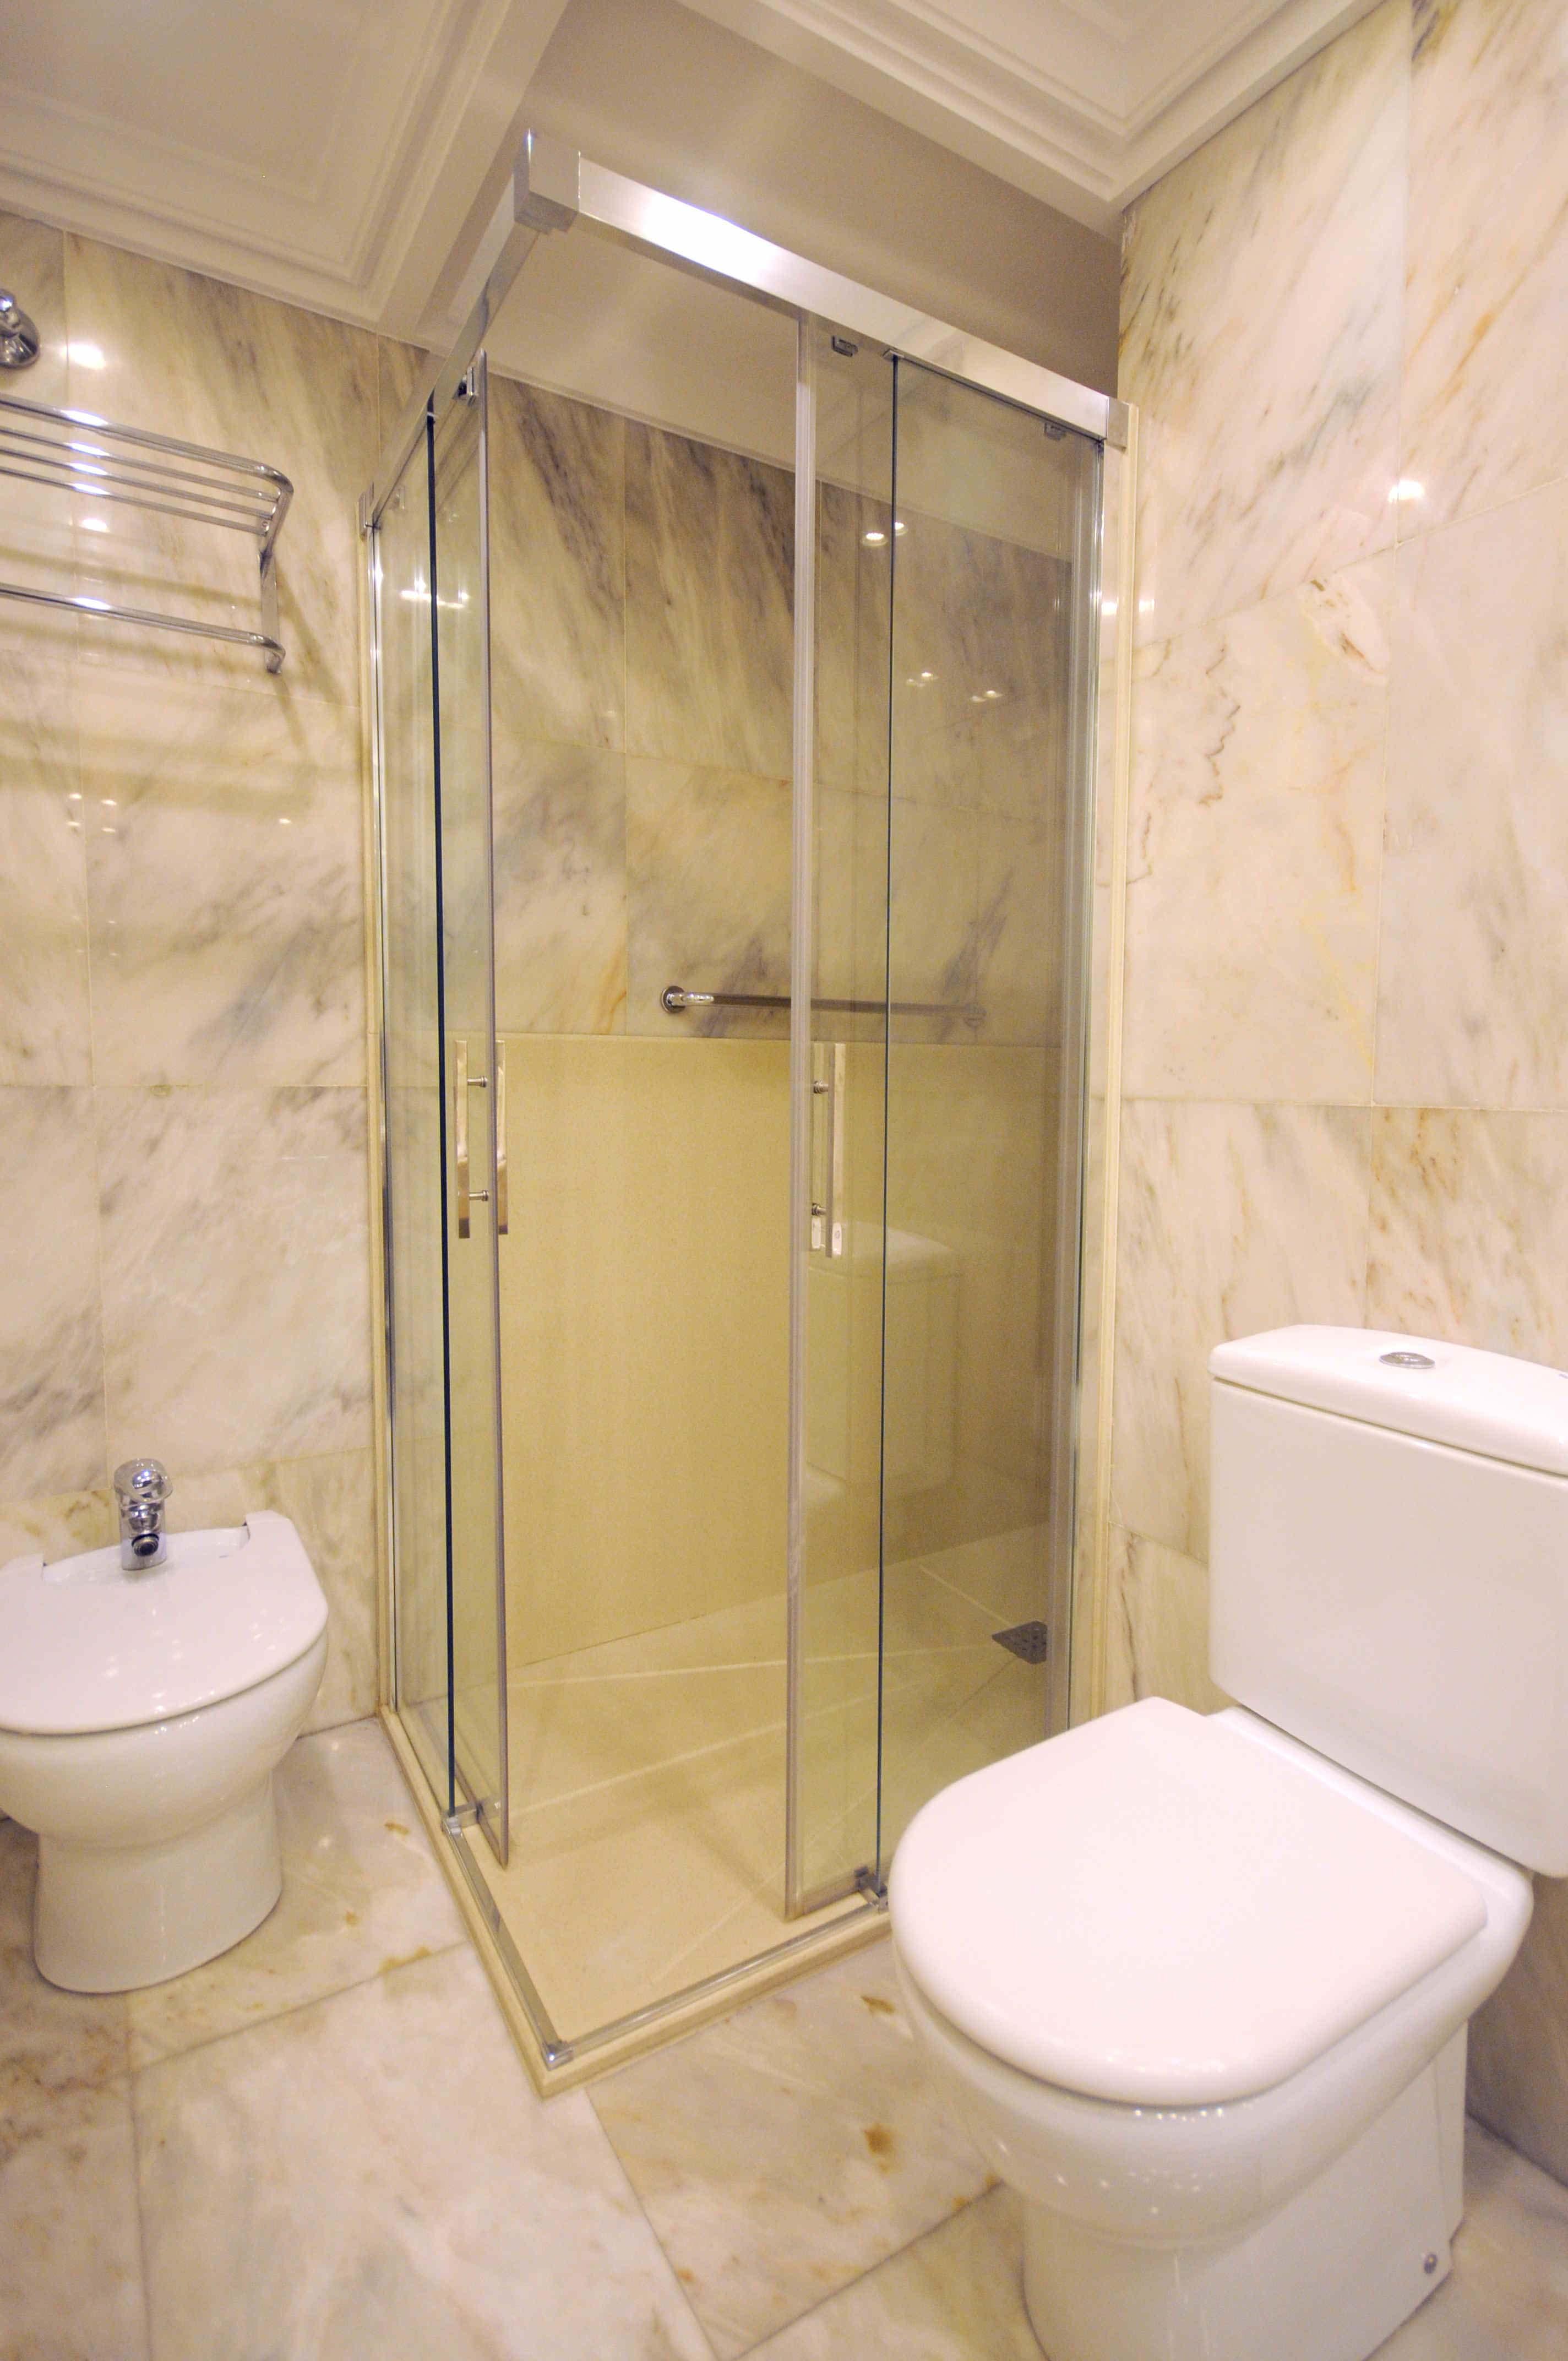 Cuanto cuesta cambiar baera por ducha trendy ofertas de - Cambiar banera por ducha ...